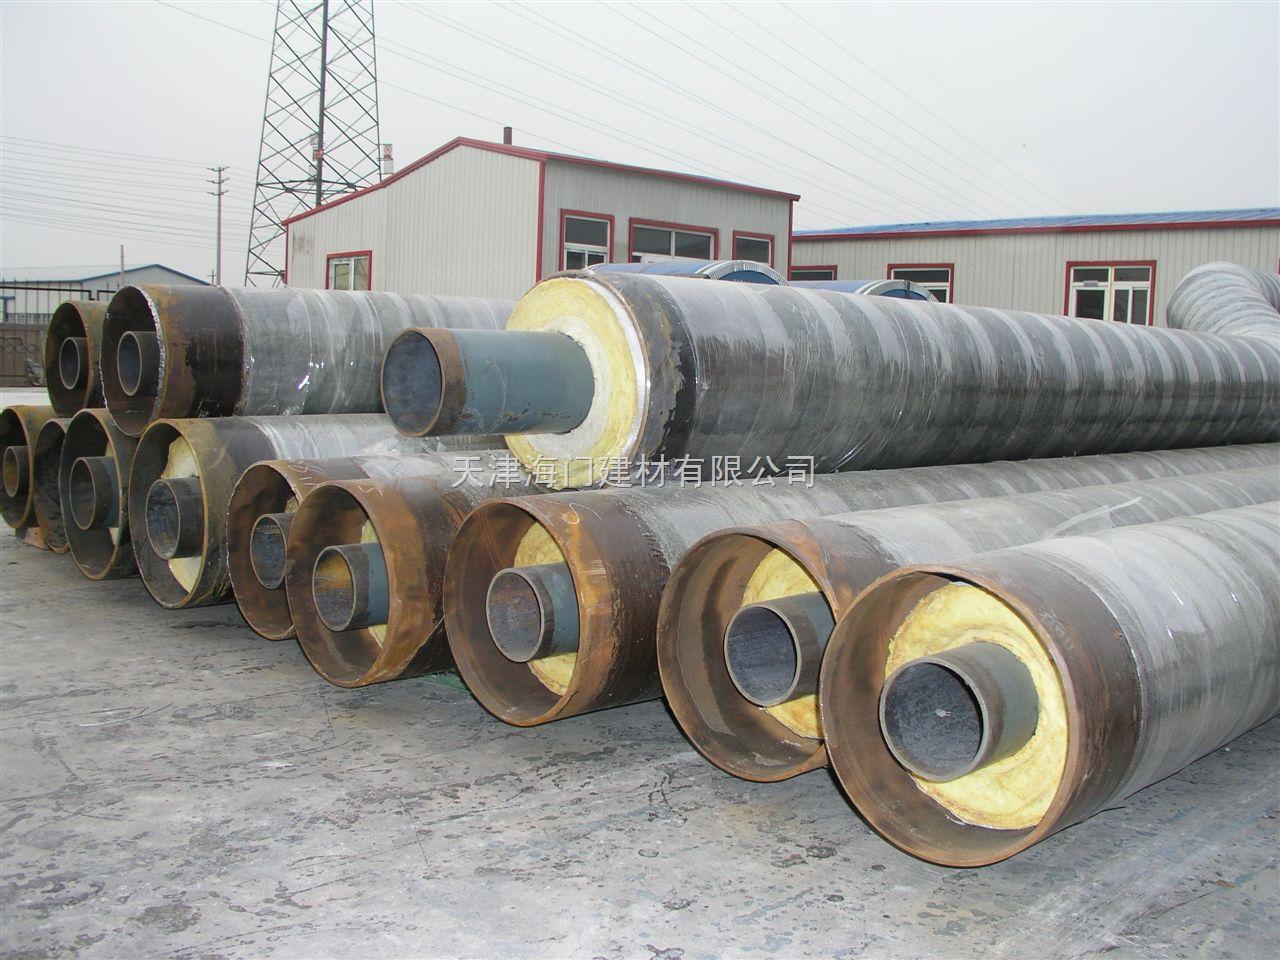 聚氨酯保温管价格,天津聚氨酯直埋保温管,聚氨酯预制直埋管厂家